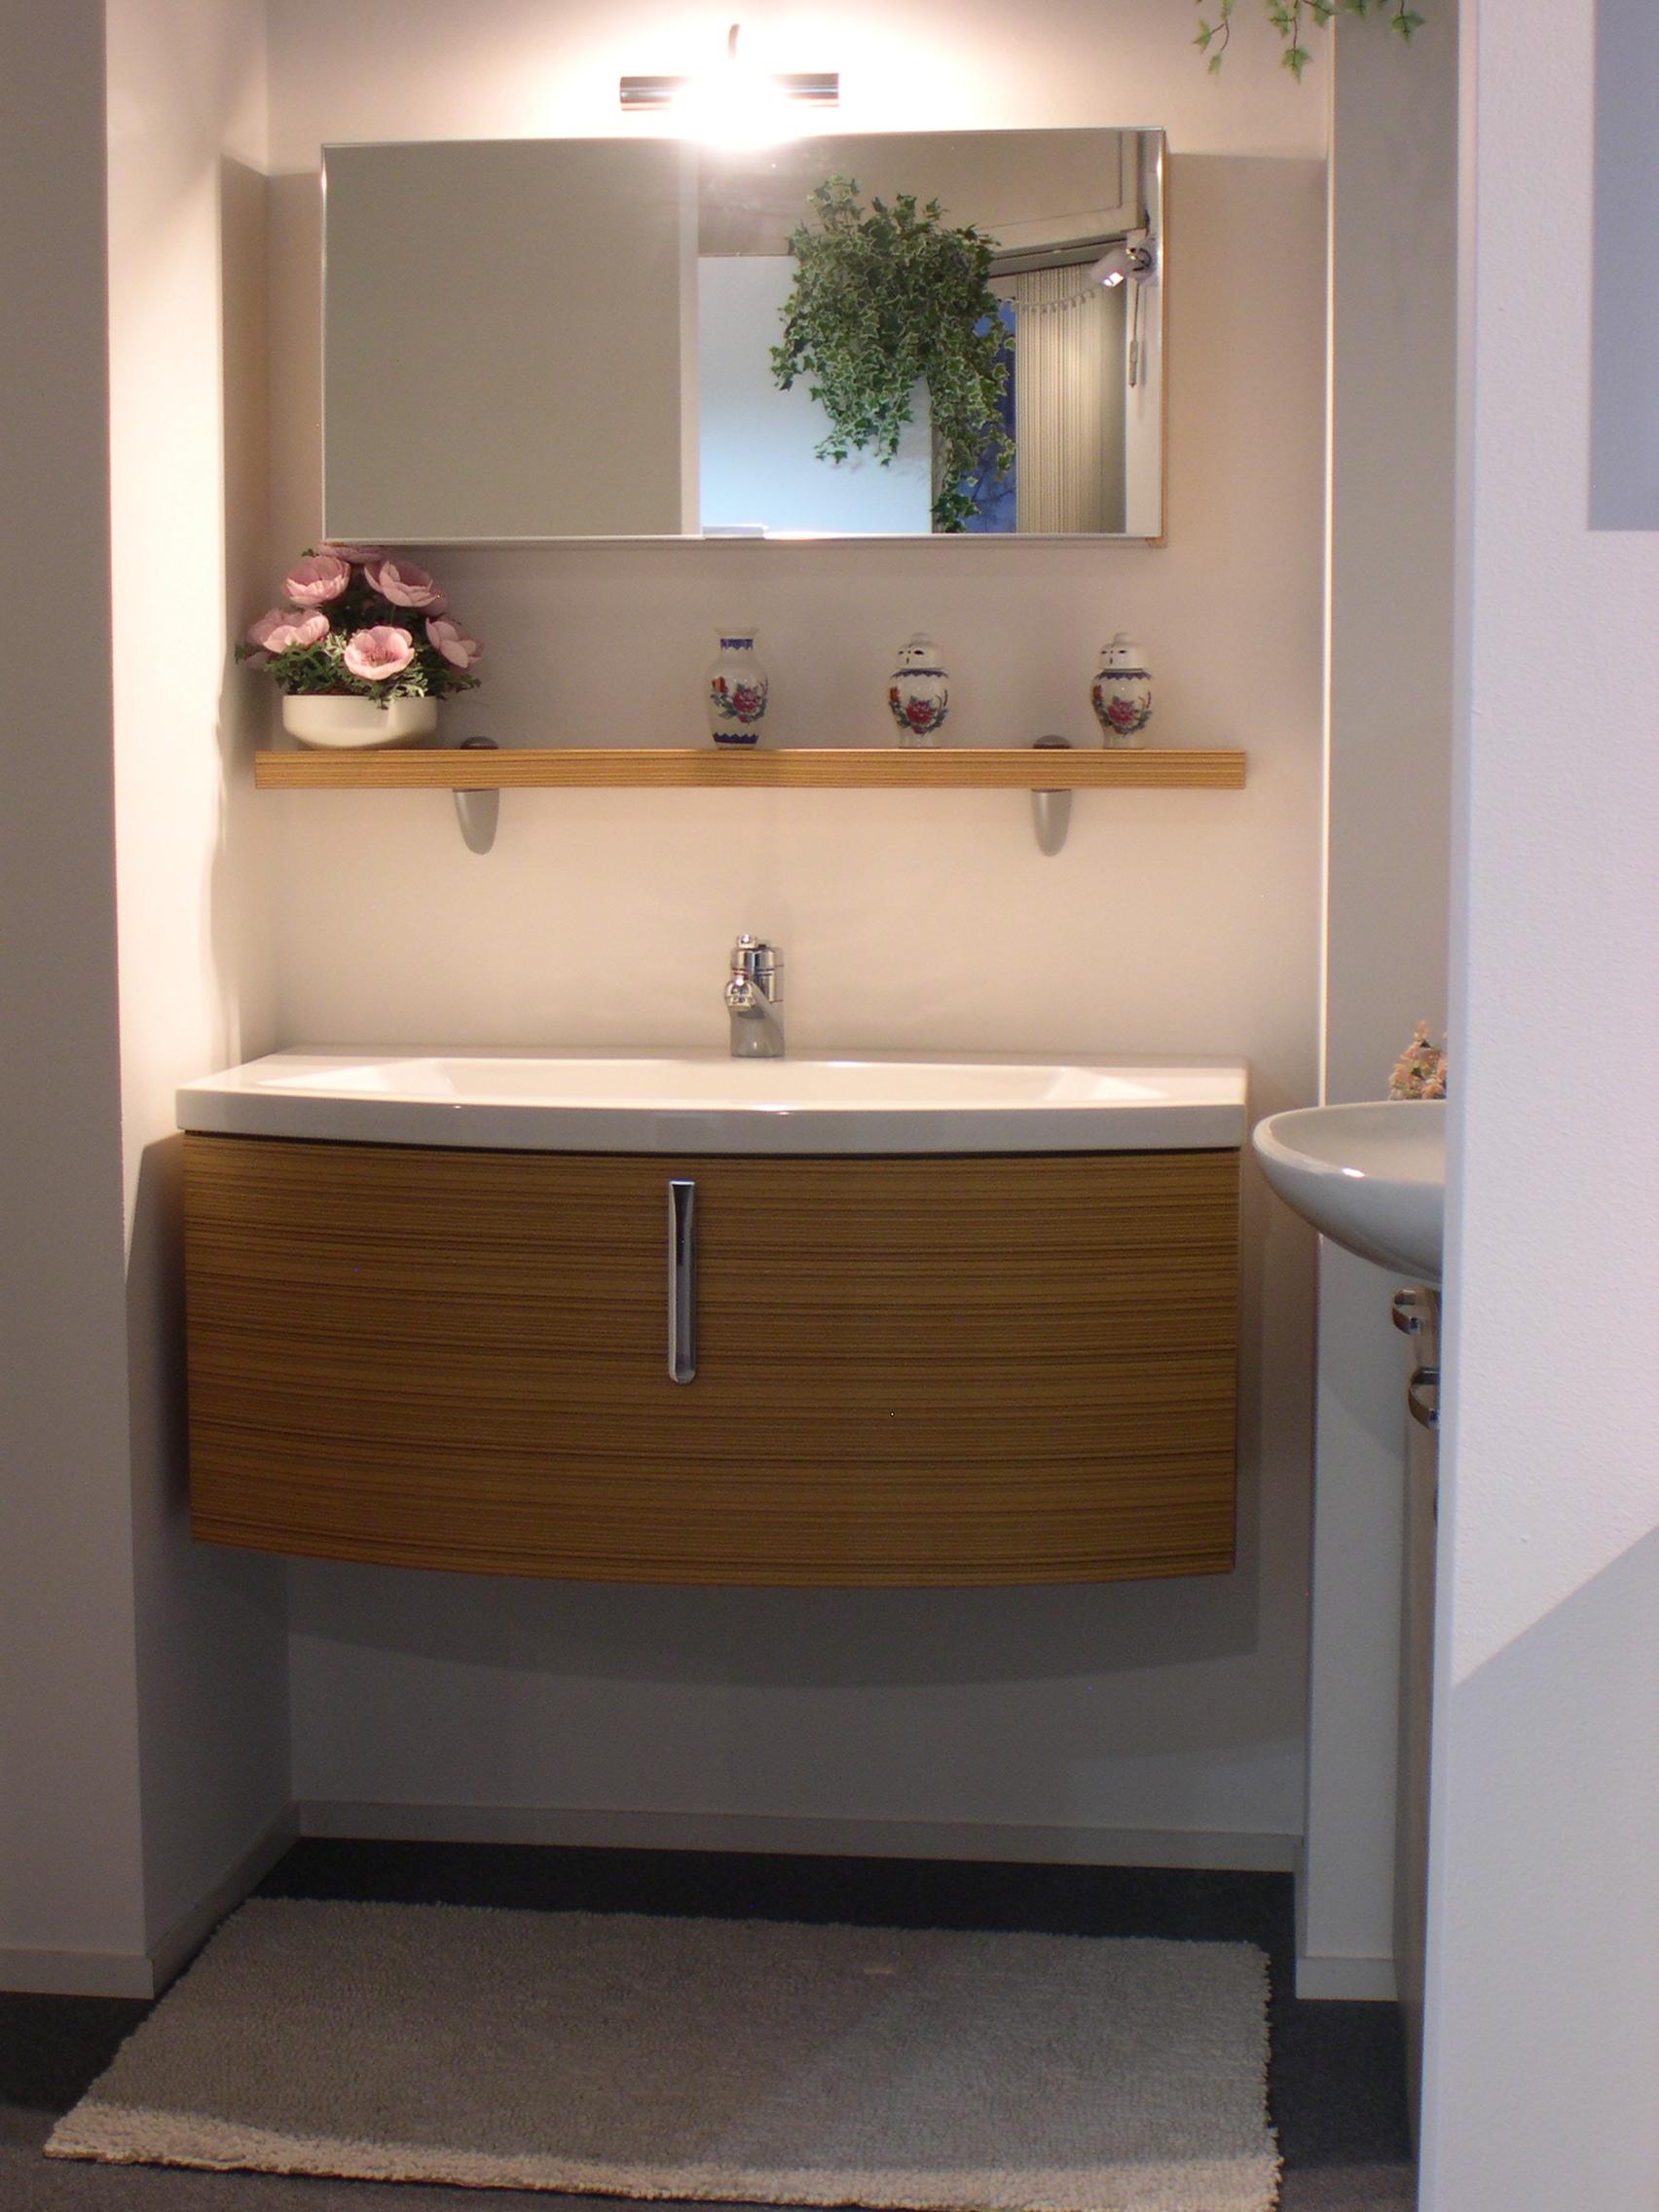 Bagno green zebrano arredo bagno a prezzi scontati for Mobili bagno outlet